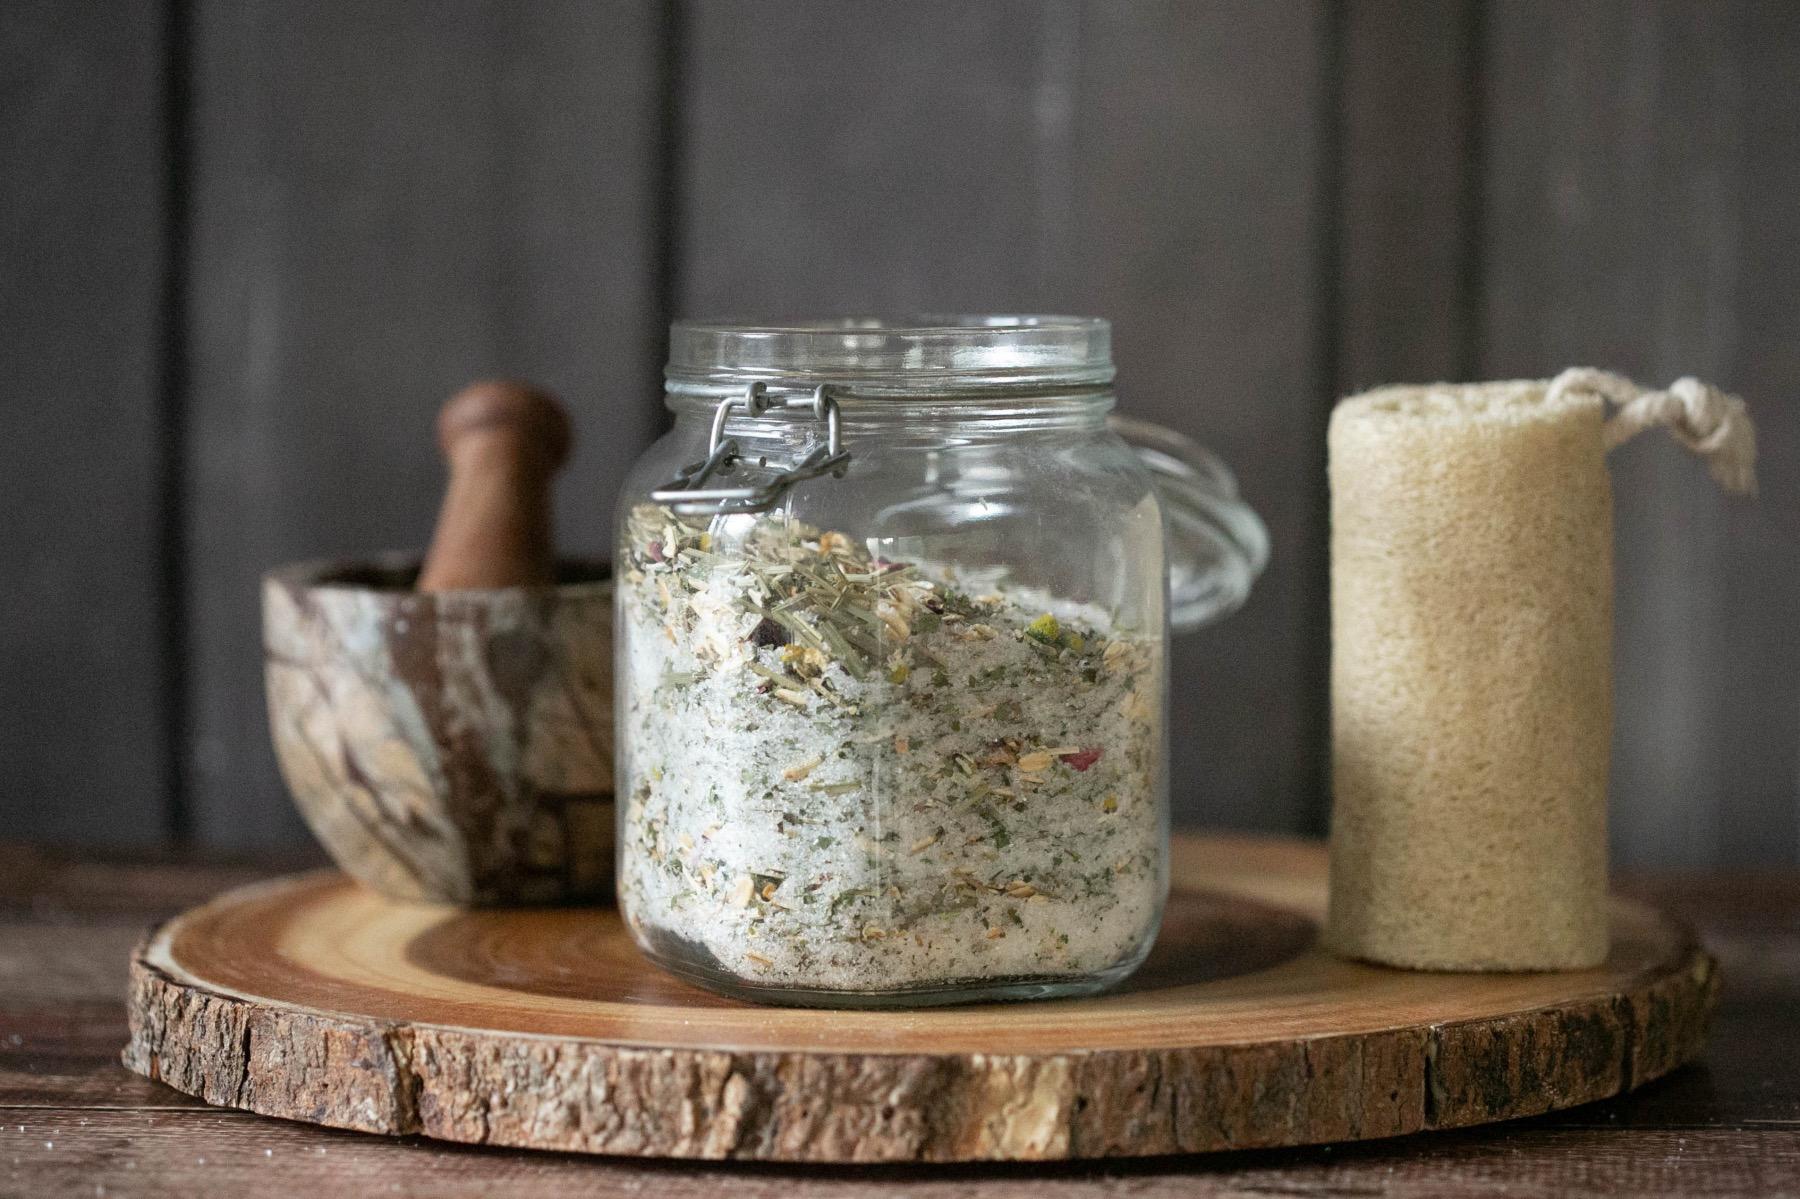 oatmeal herb and epsom salt bath soak recipe